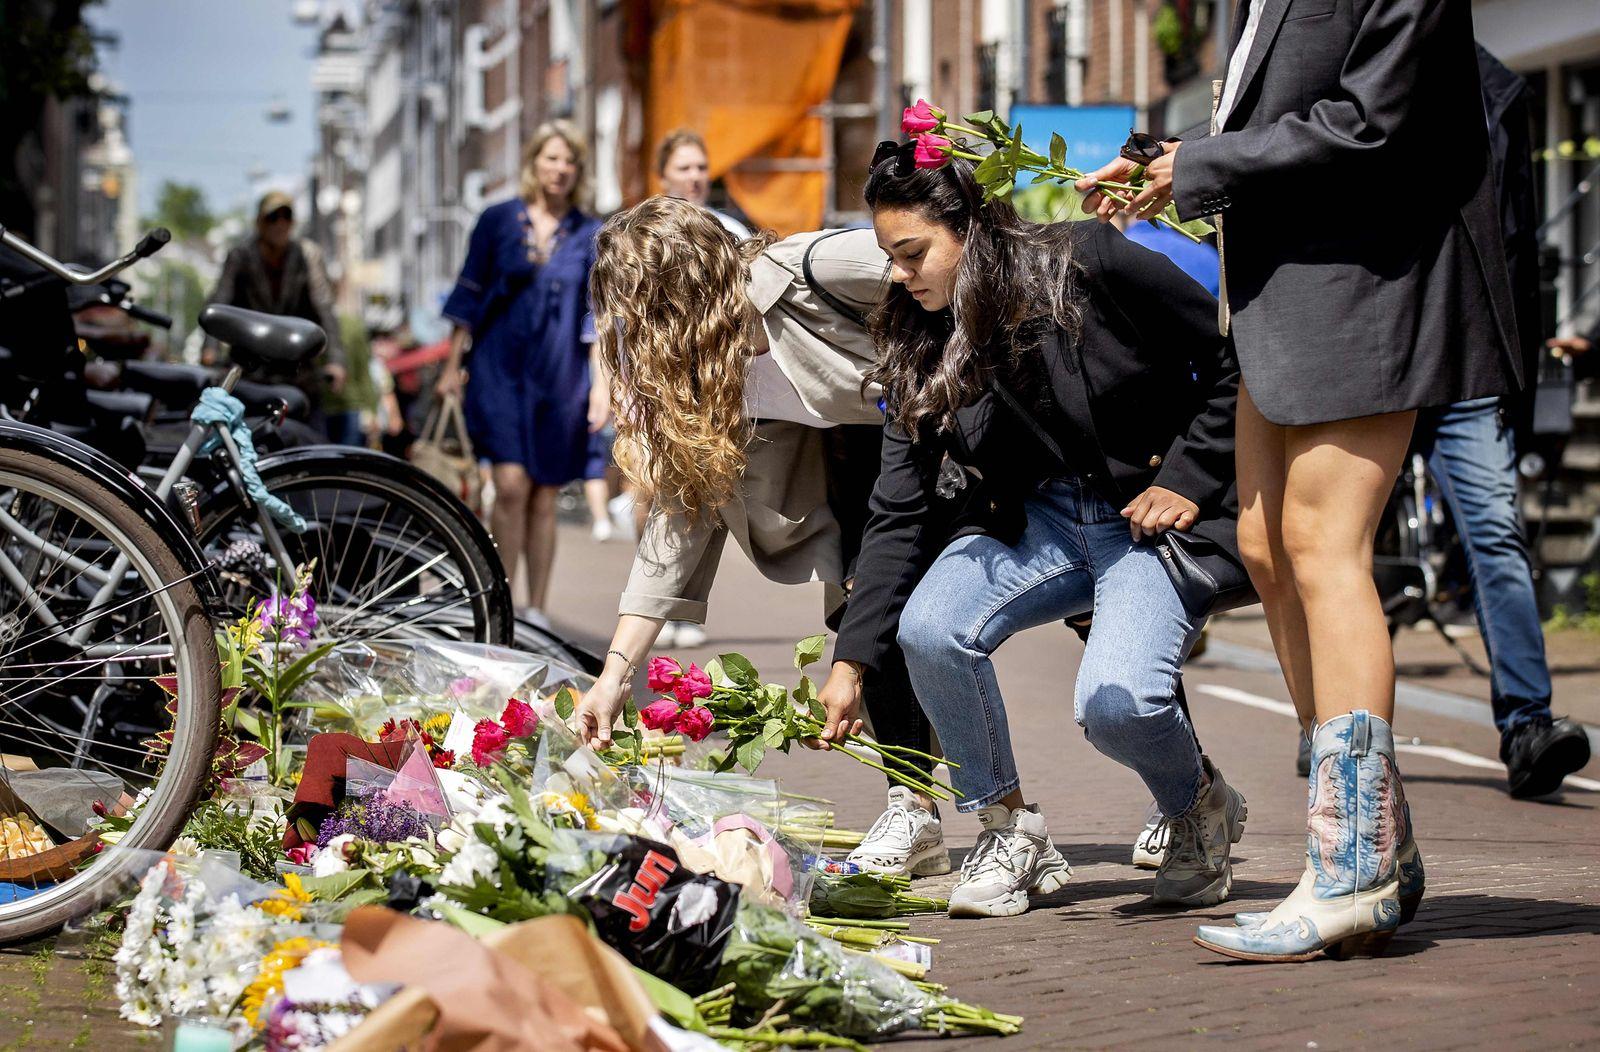 NETHERLANDS-CRIME-MEDIA